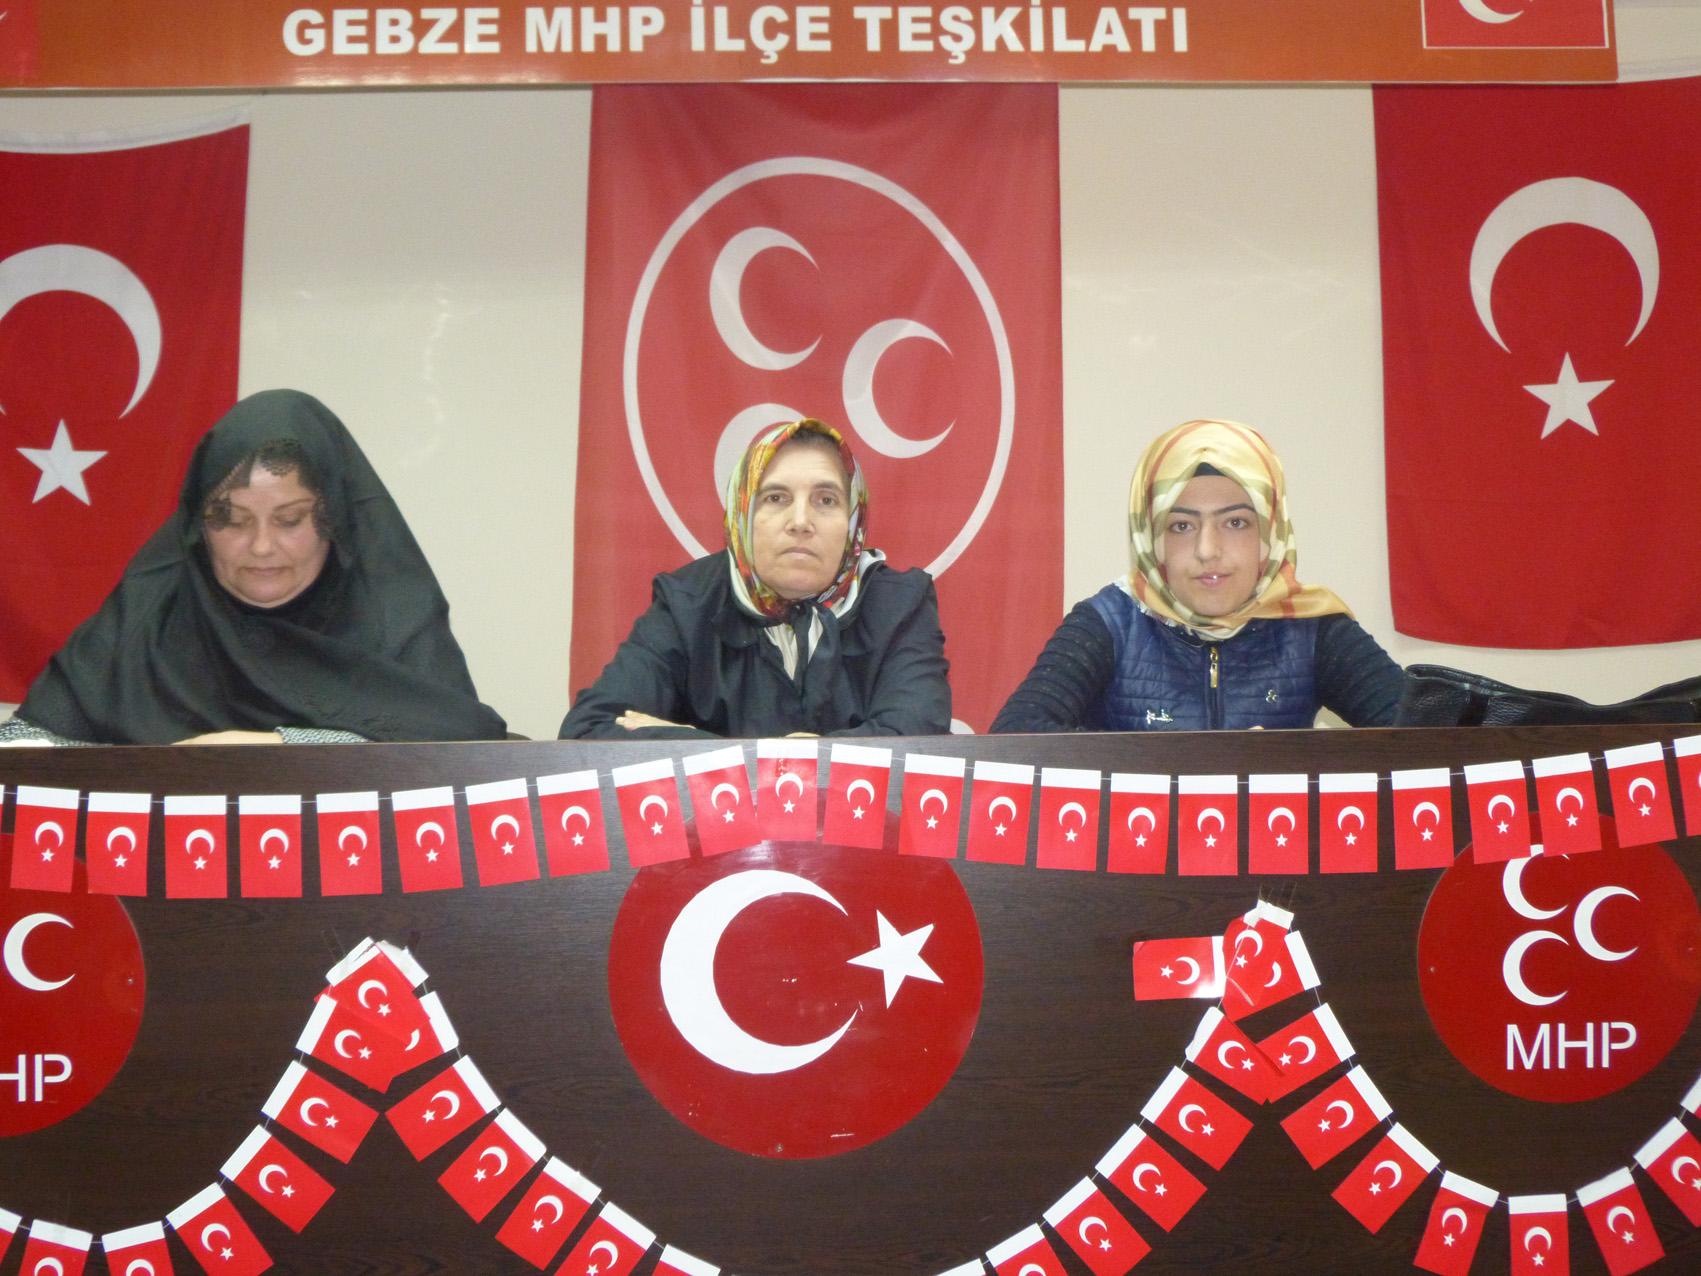 Başbuğ Alparslan Türkeş'e Mevlit!